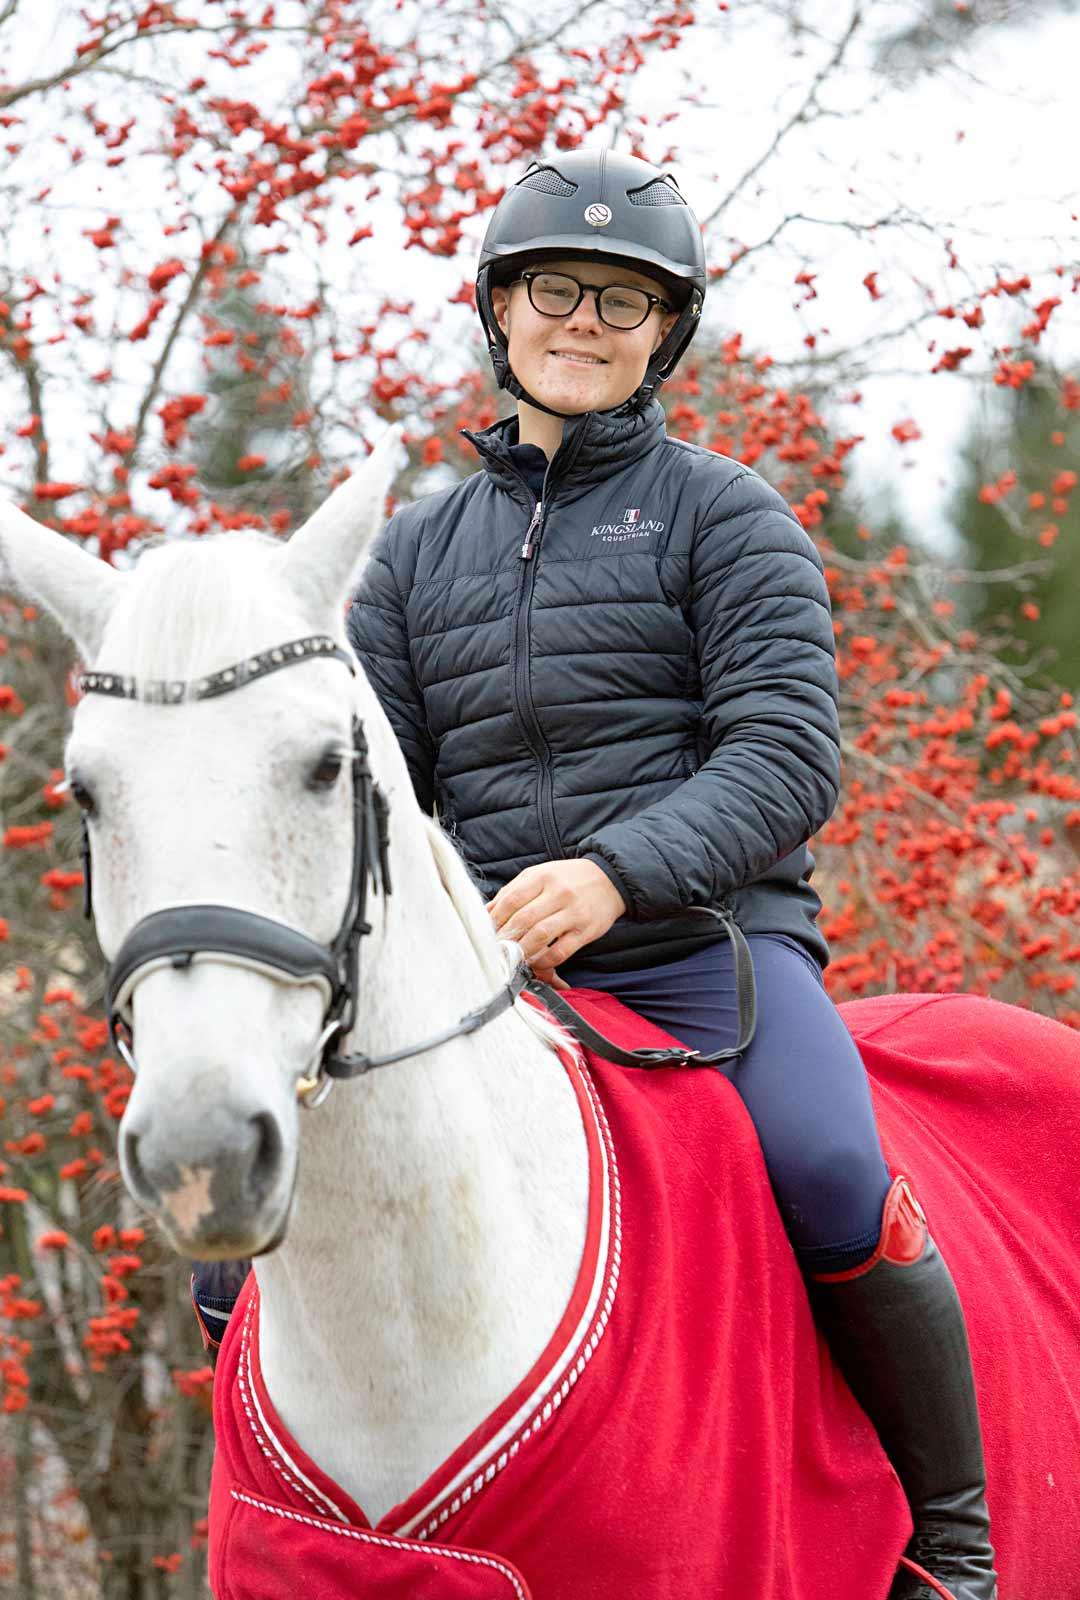 Arvi kehuu Valkoa rauhalliseksi ja luotettavaksi hevoseksi, joka ei pelkää kuin serpentiiniä ja joskus lehmiä.